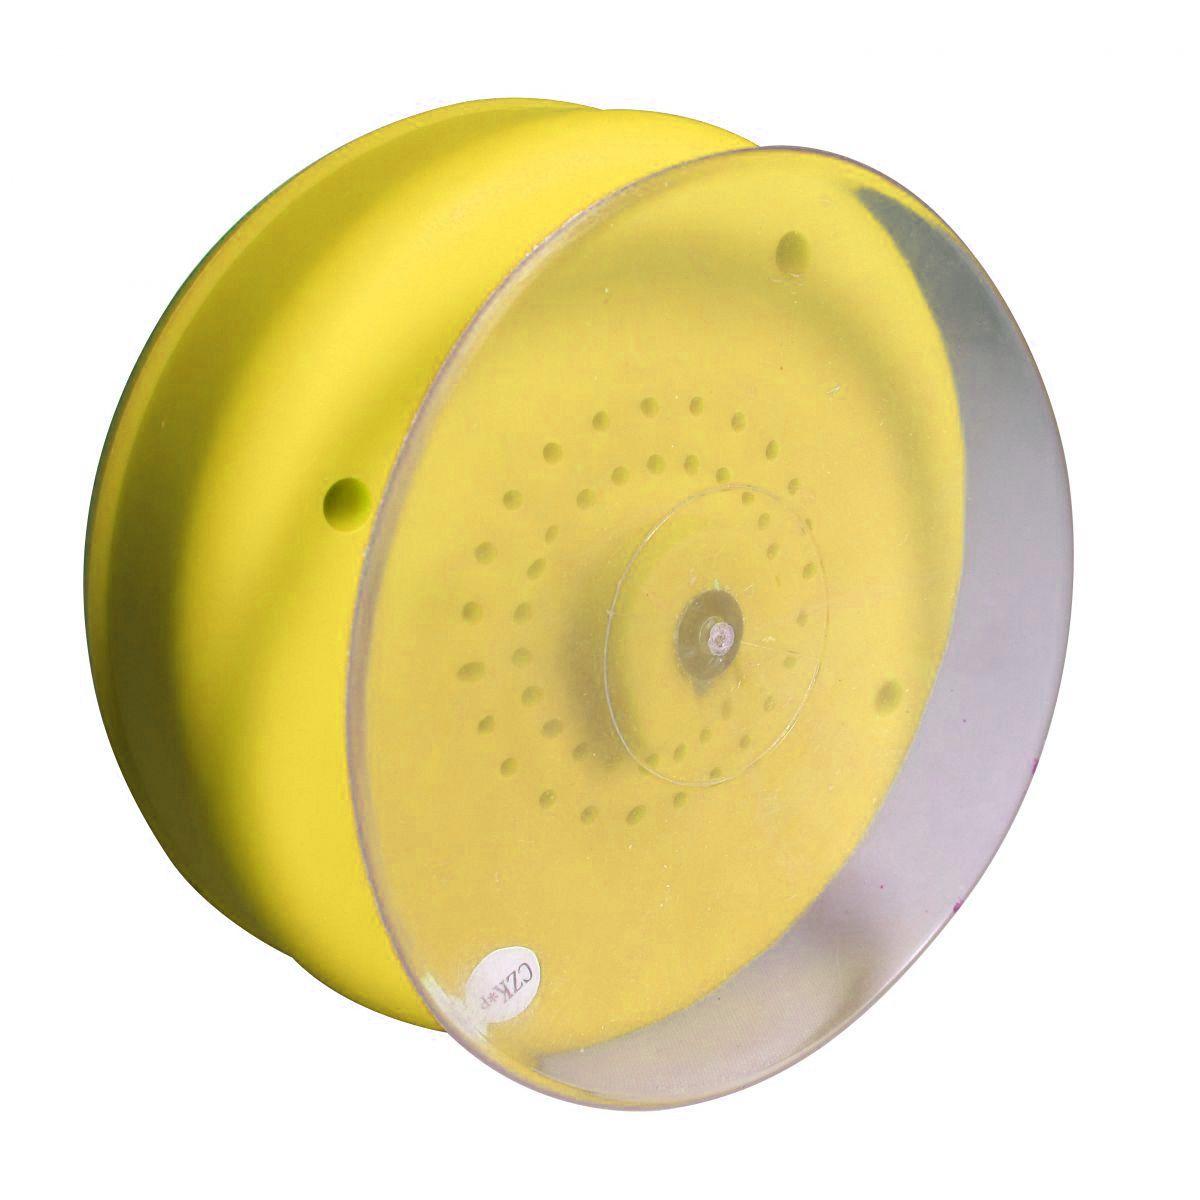 Alto Falante Bluetooth a Prova D´água para Celular Tablet Iphone - Shower Speaker Amarela